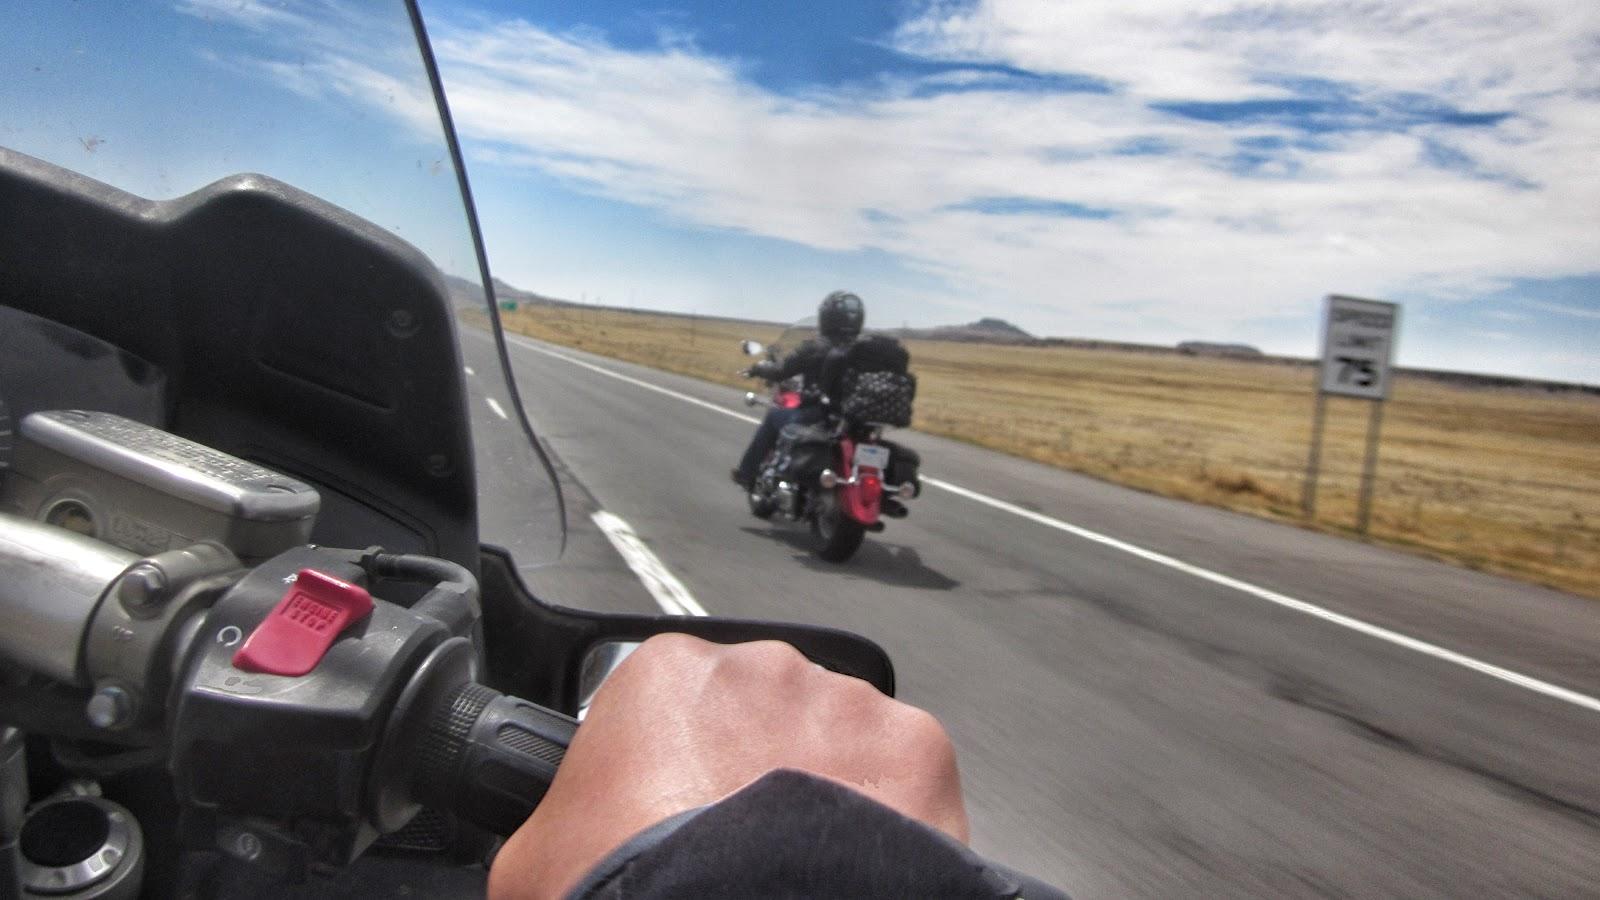 I-25 new mexico motorcycle